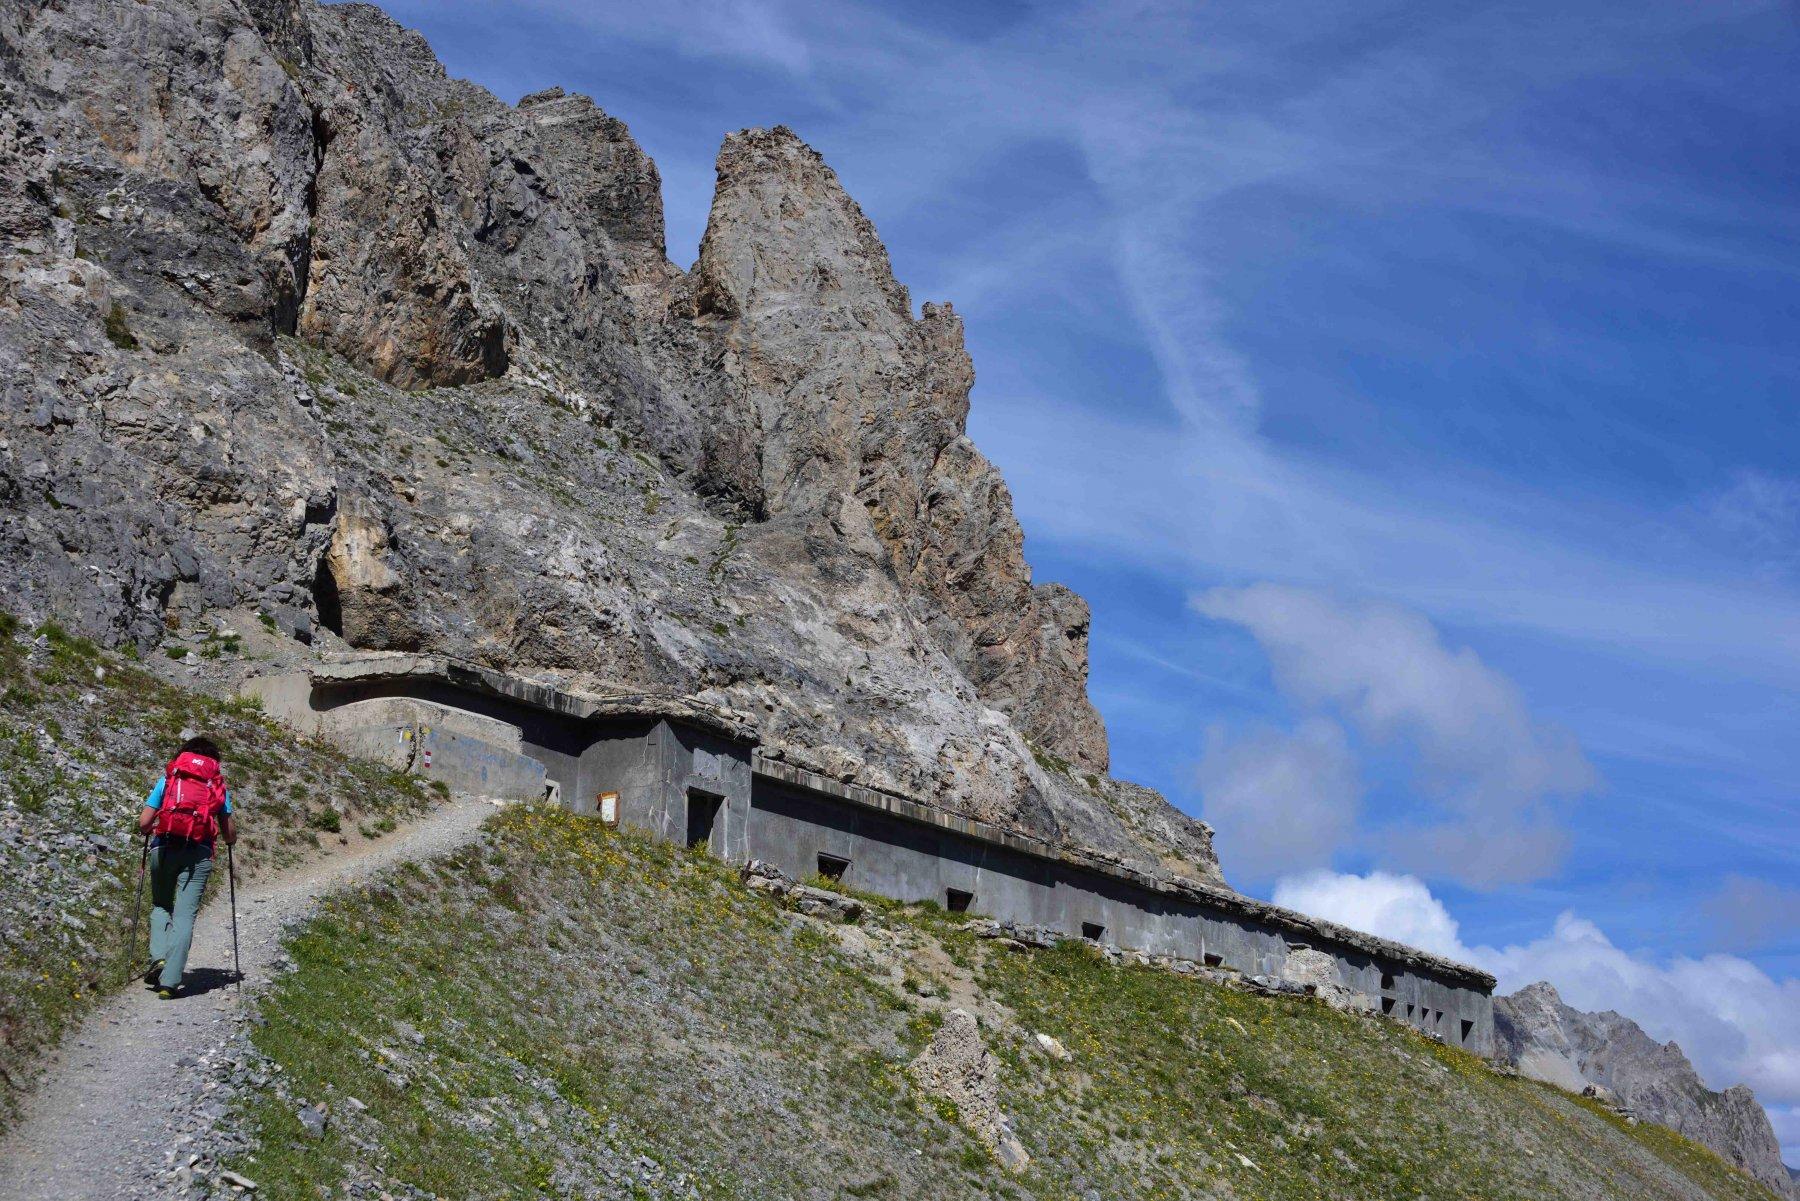 La casermetta sotto il Passo della Cavalla.